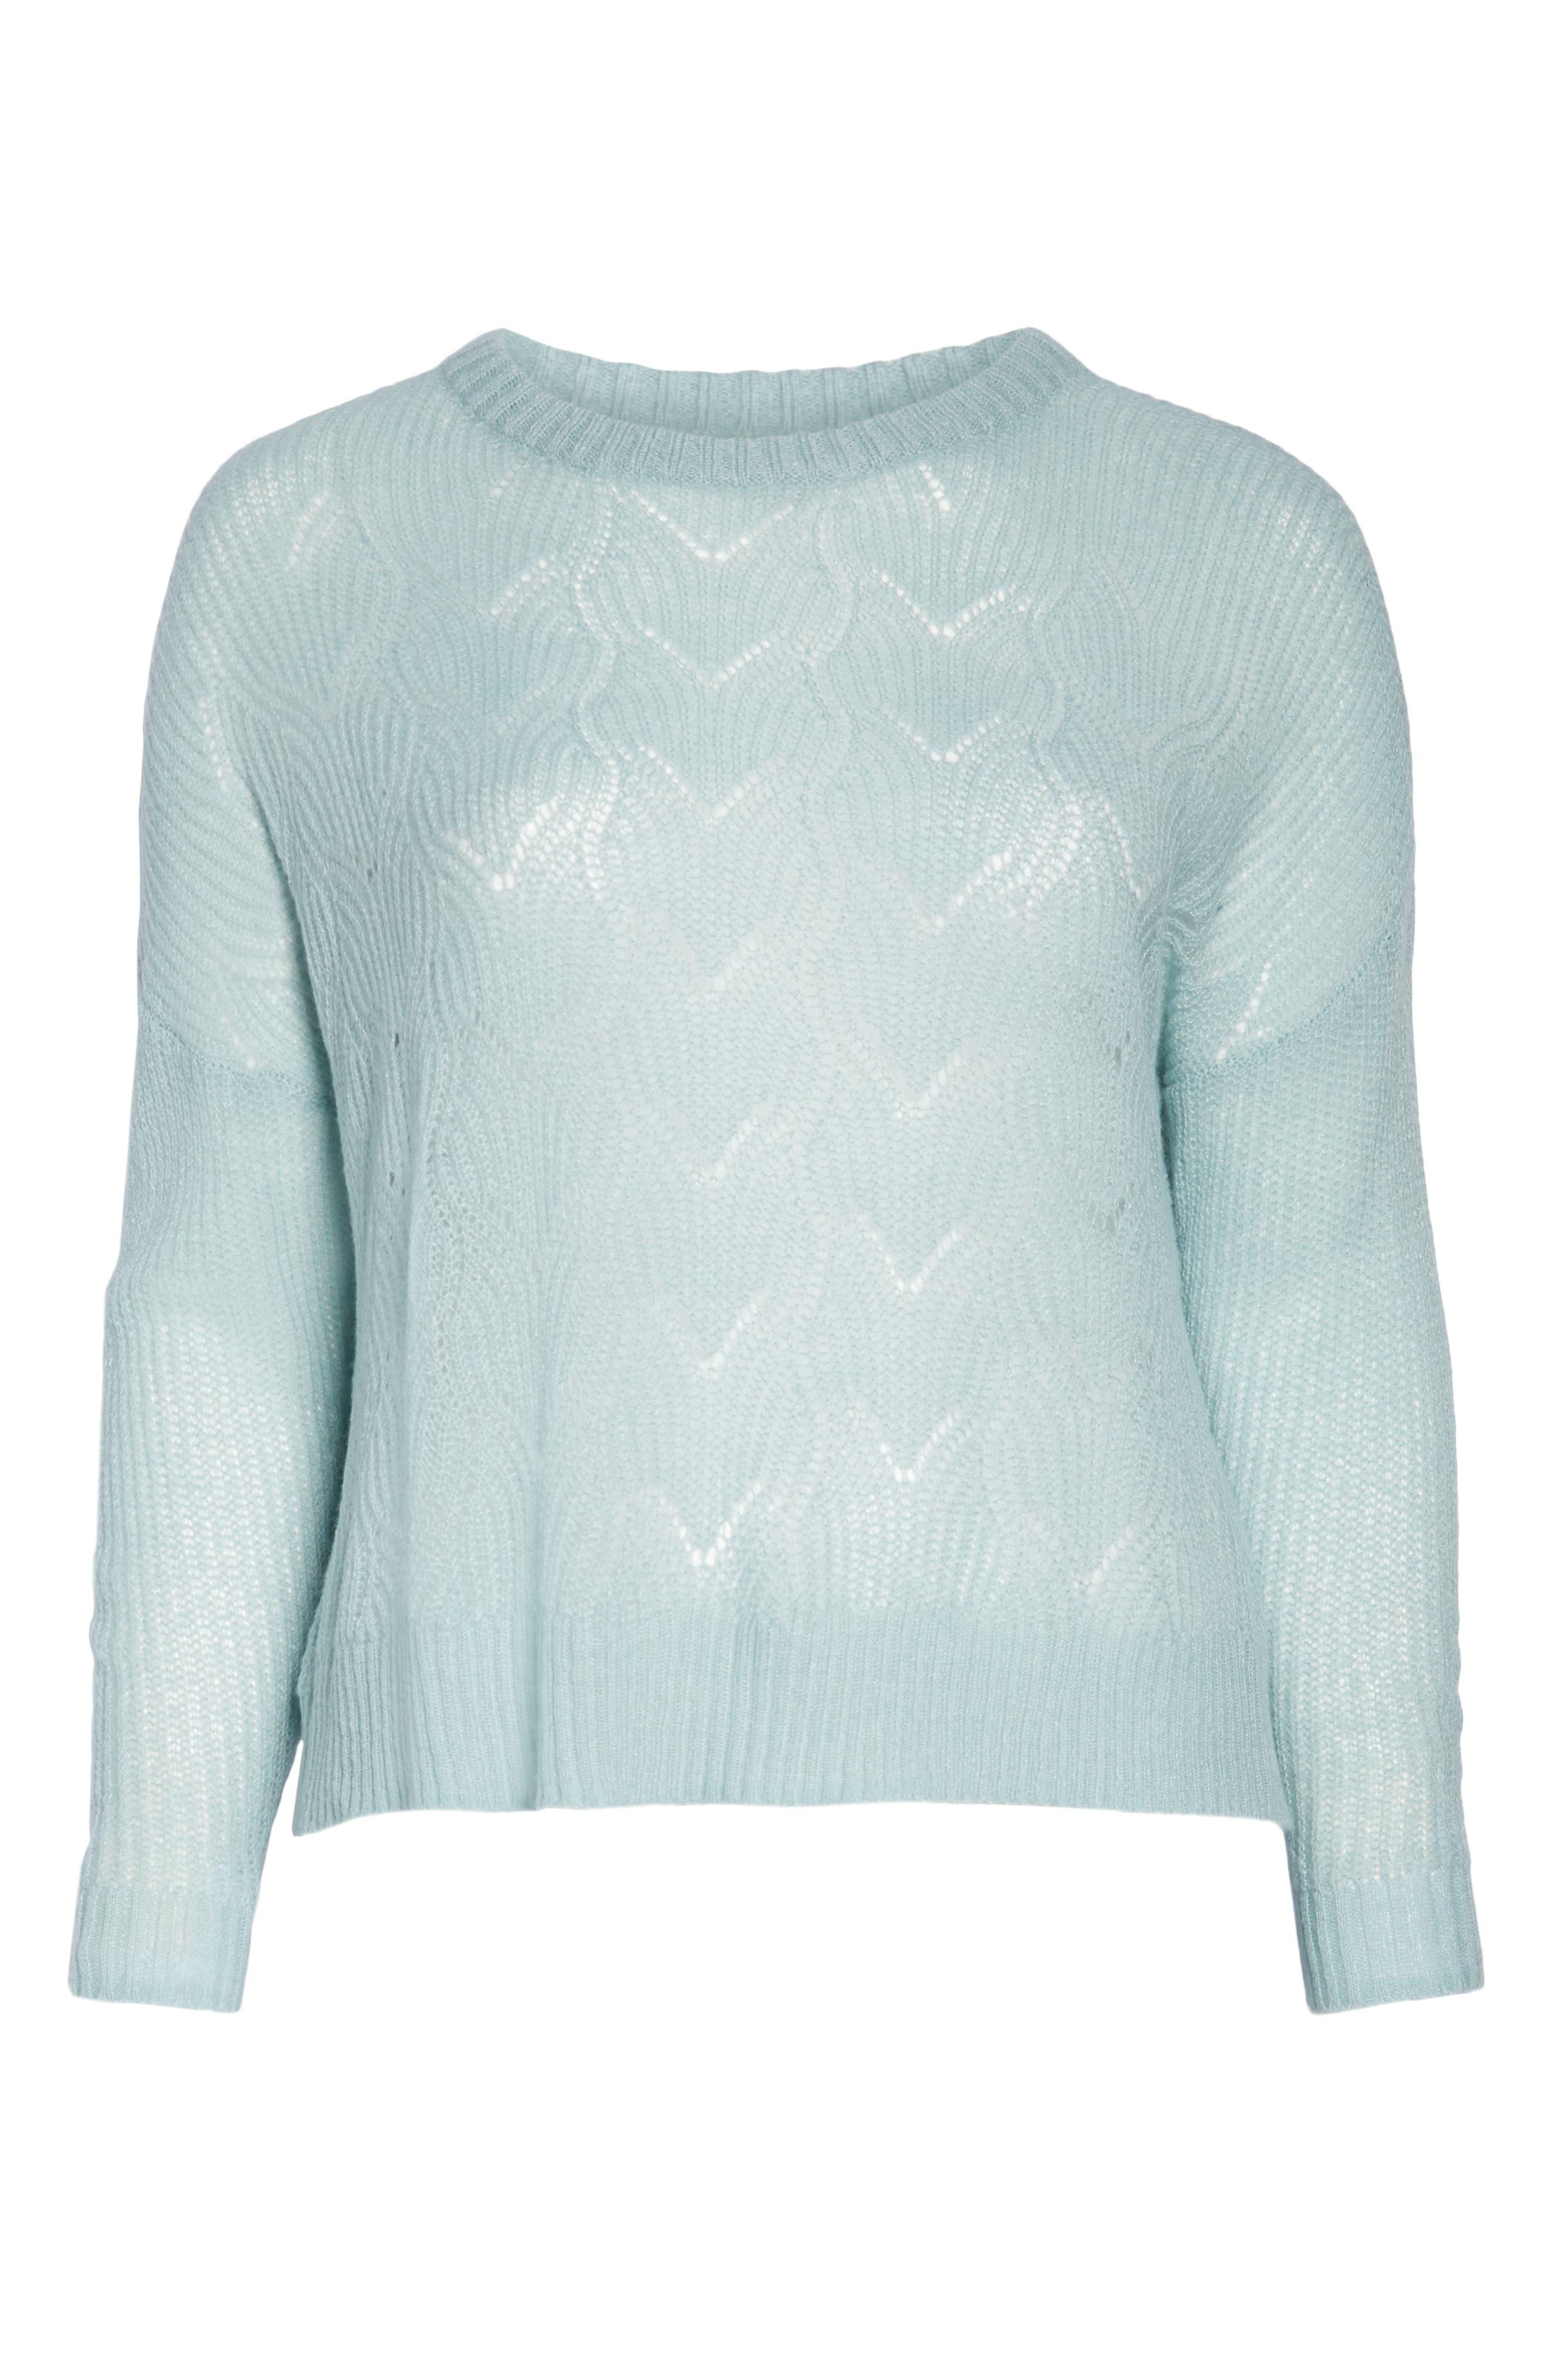 BP., Pointelle Stitch Sweater, Alternate thumbnail 12, color, BLUE CLOUD